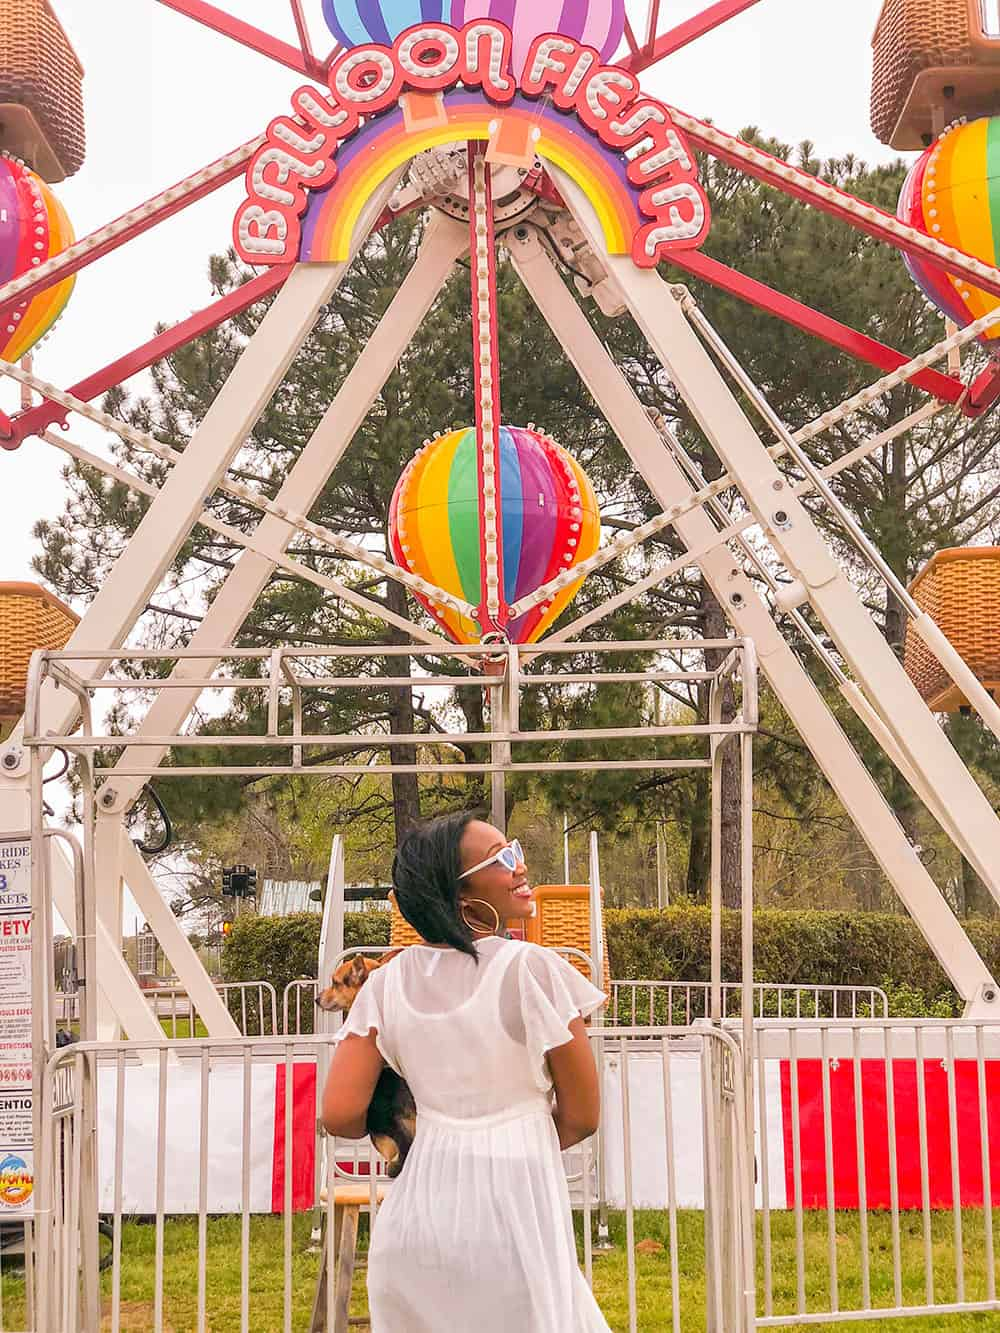 shaunda necole balloon fiesta carnival